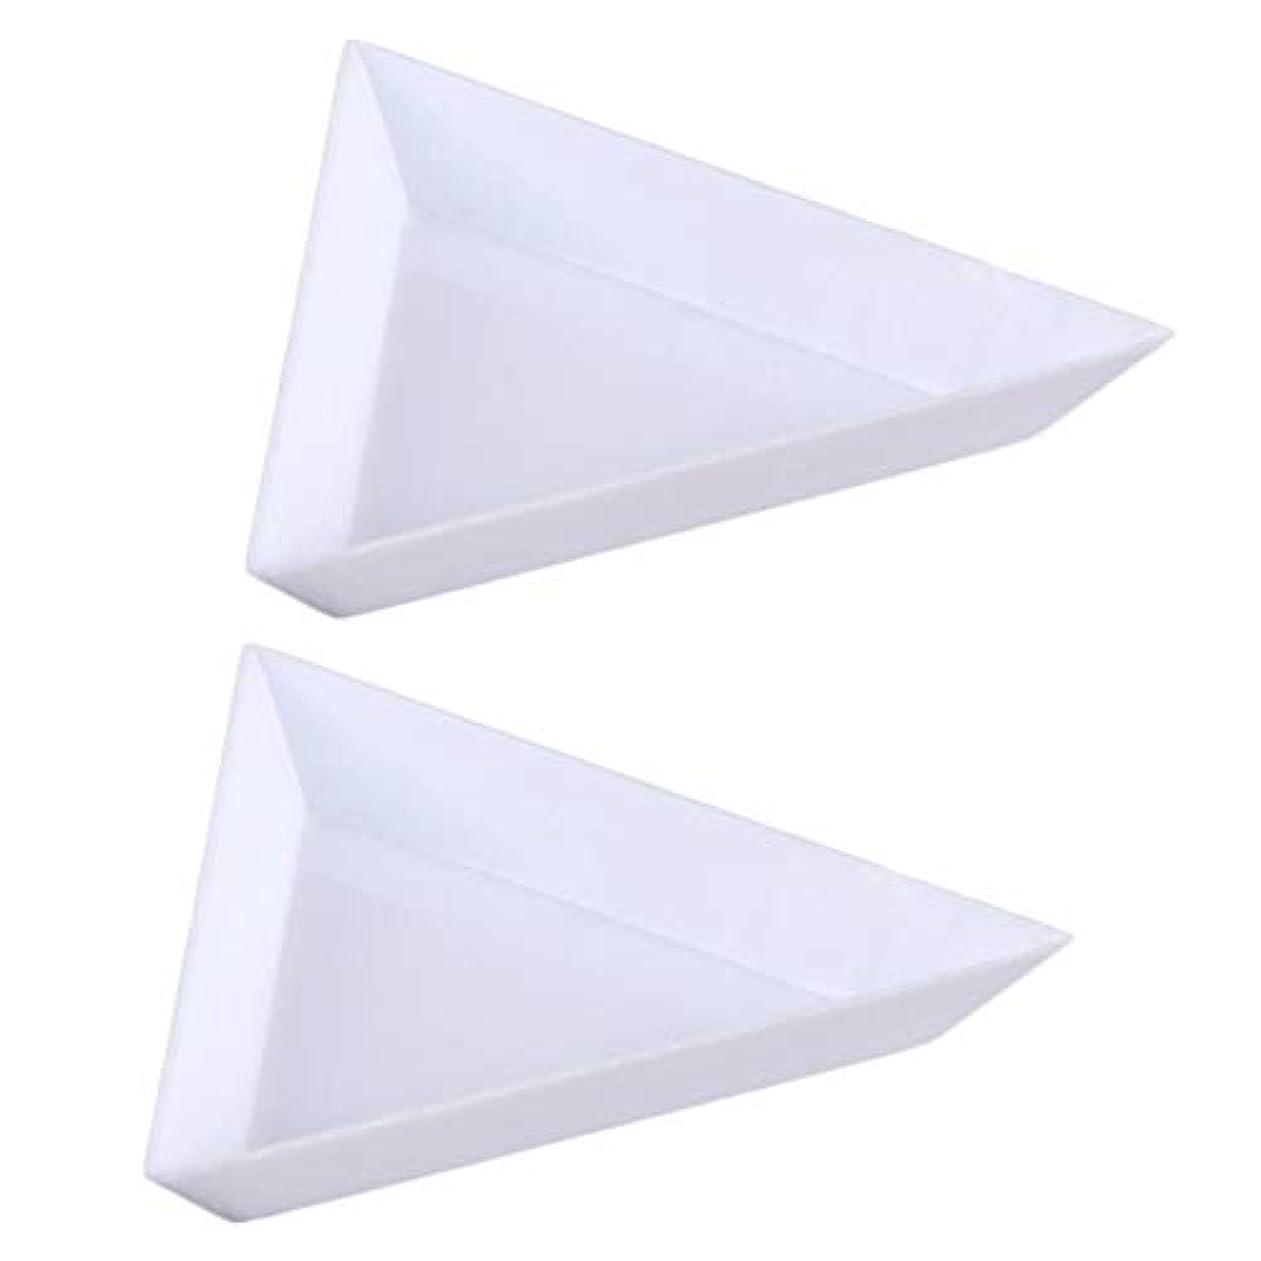 外部汗慎重にRETYLY 10個三角コーナープラスチックラインストーンビーズ 結晶 ネイルアートソーティングトレイアクセサリー白 DiyネイルアートデコレーションDotting収納トレイ オーガニゼーションに最適